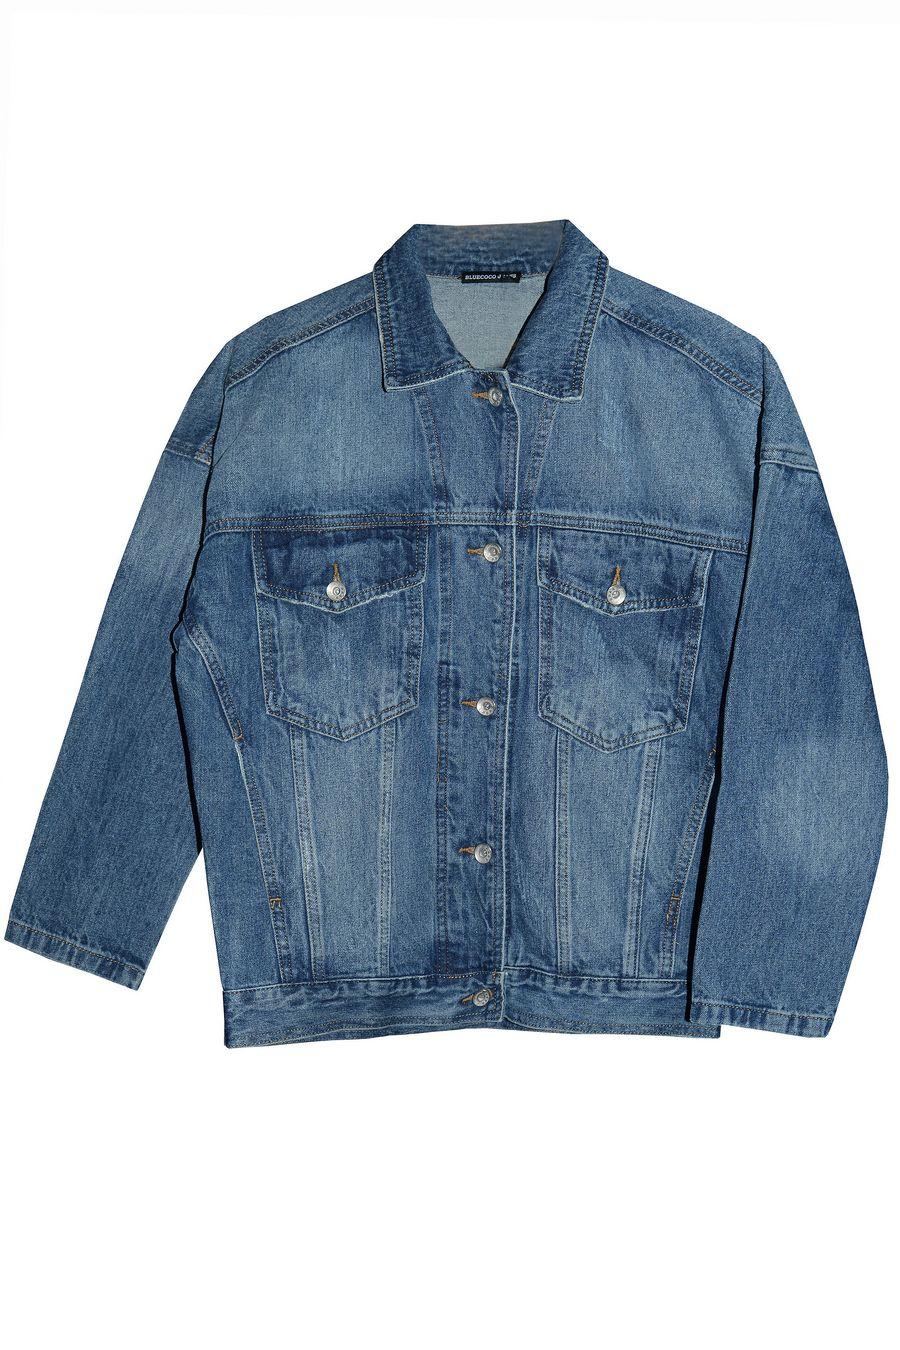 Пиджак женский (джинсовка) Blue Coco 119 - фото 1